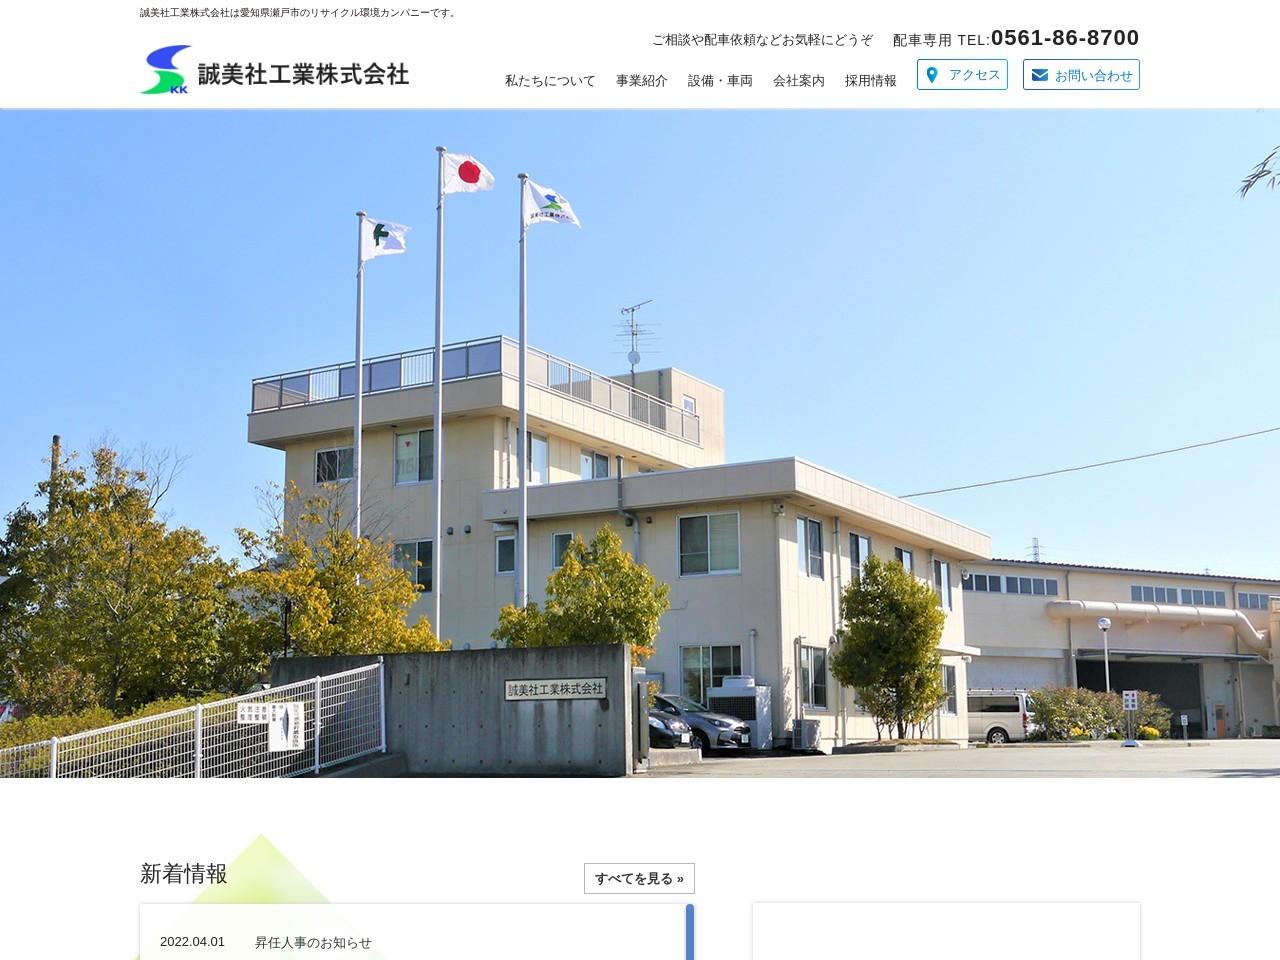 誠美社工業株式会社